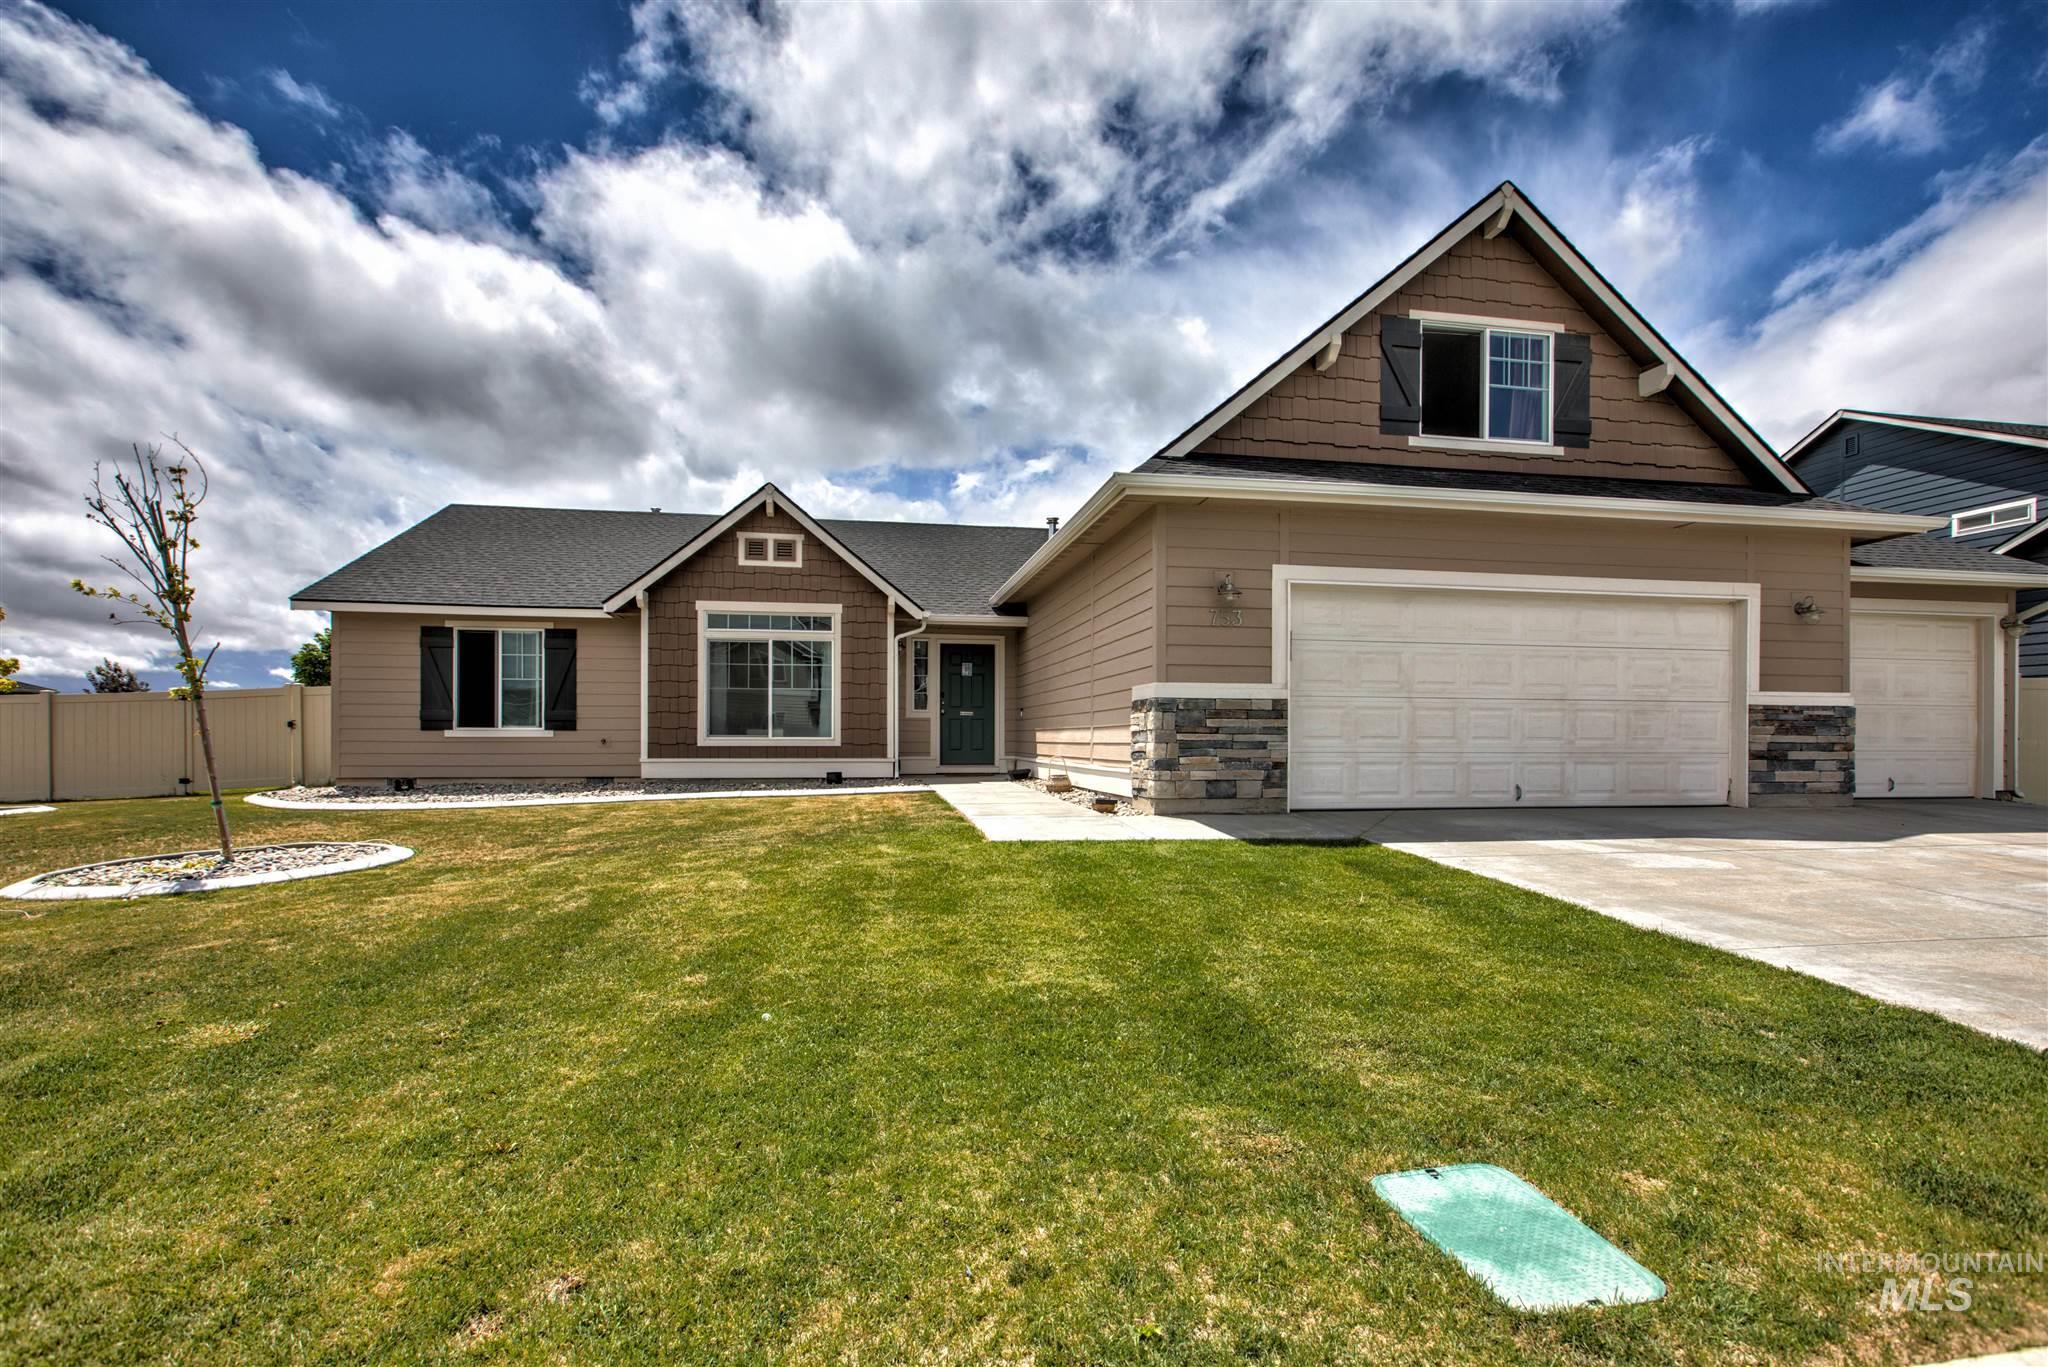 Grandview Estates (twin Falls) Real Estate Listings Main Image